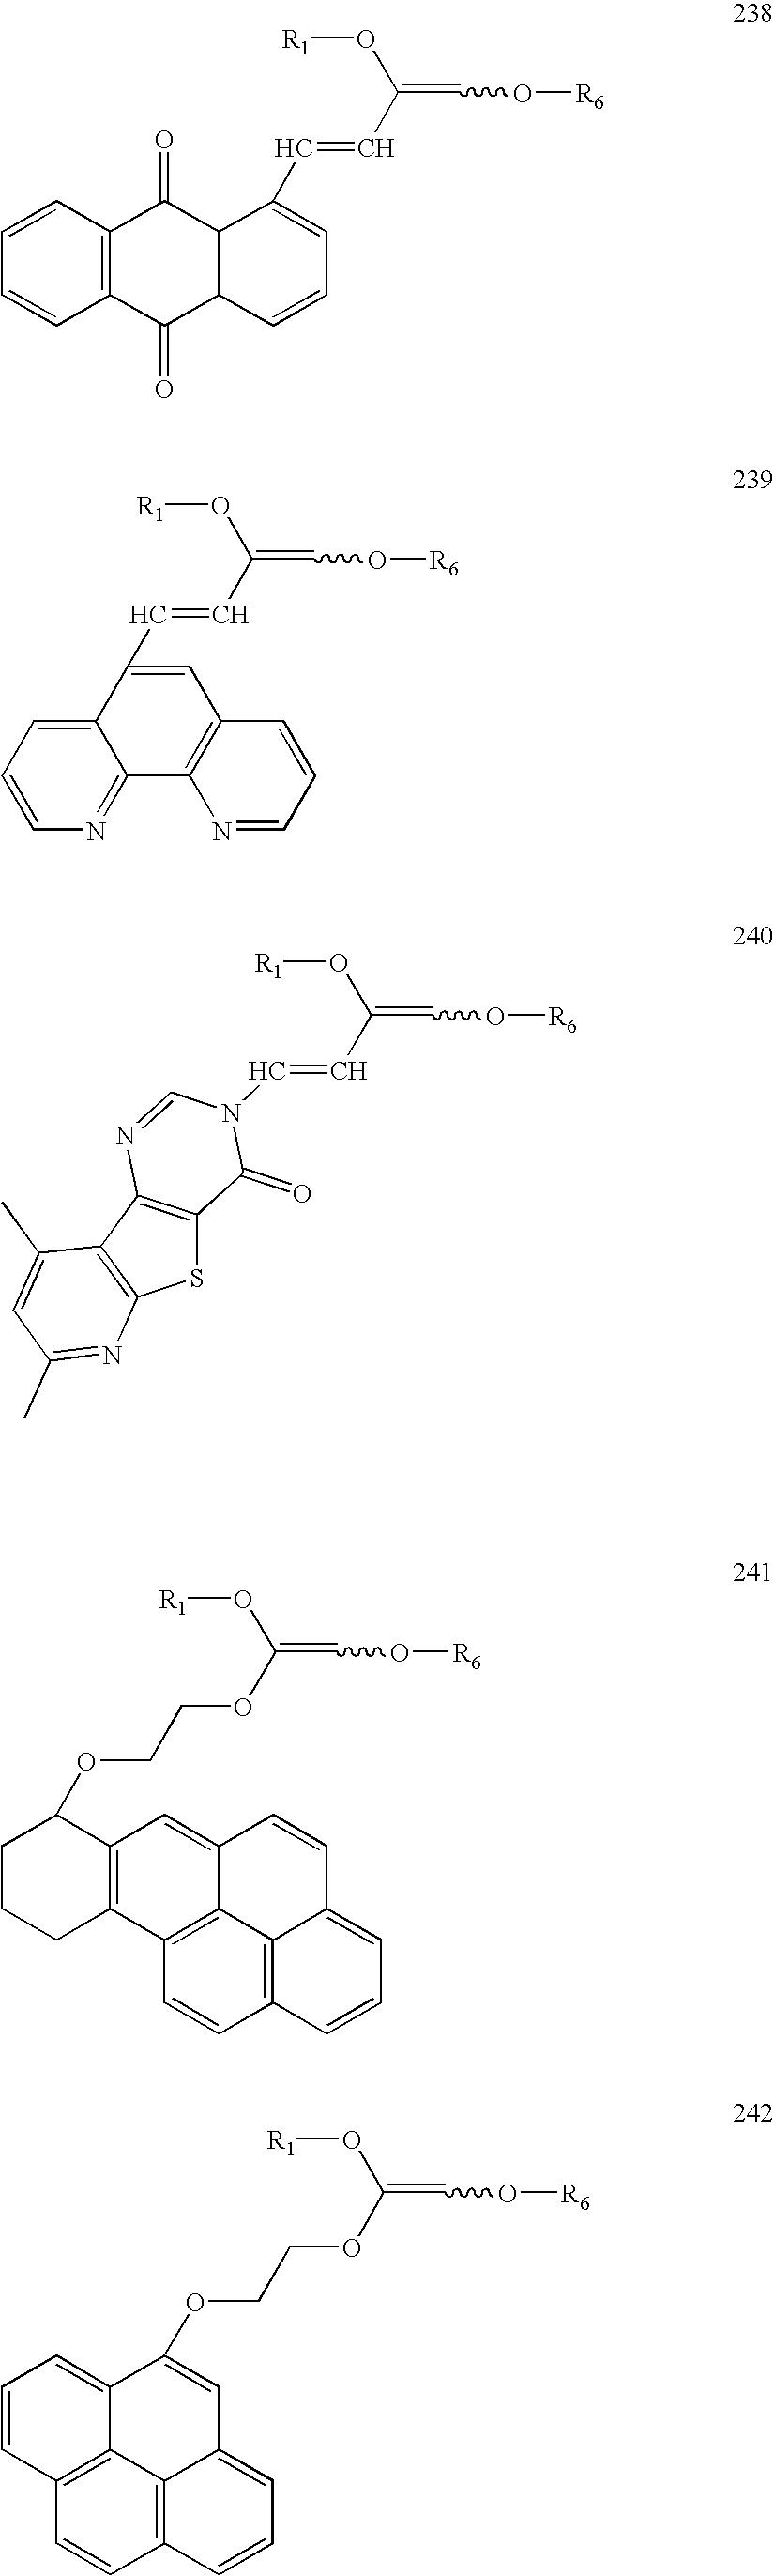 Figure US20060014144A1-20060119-C00140